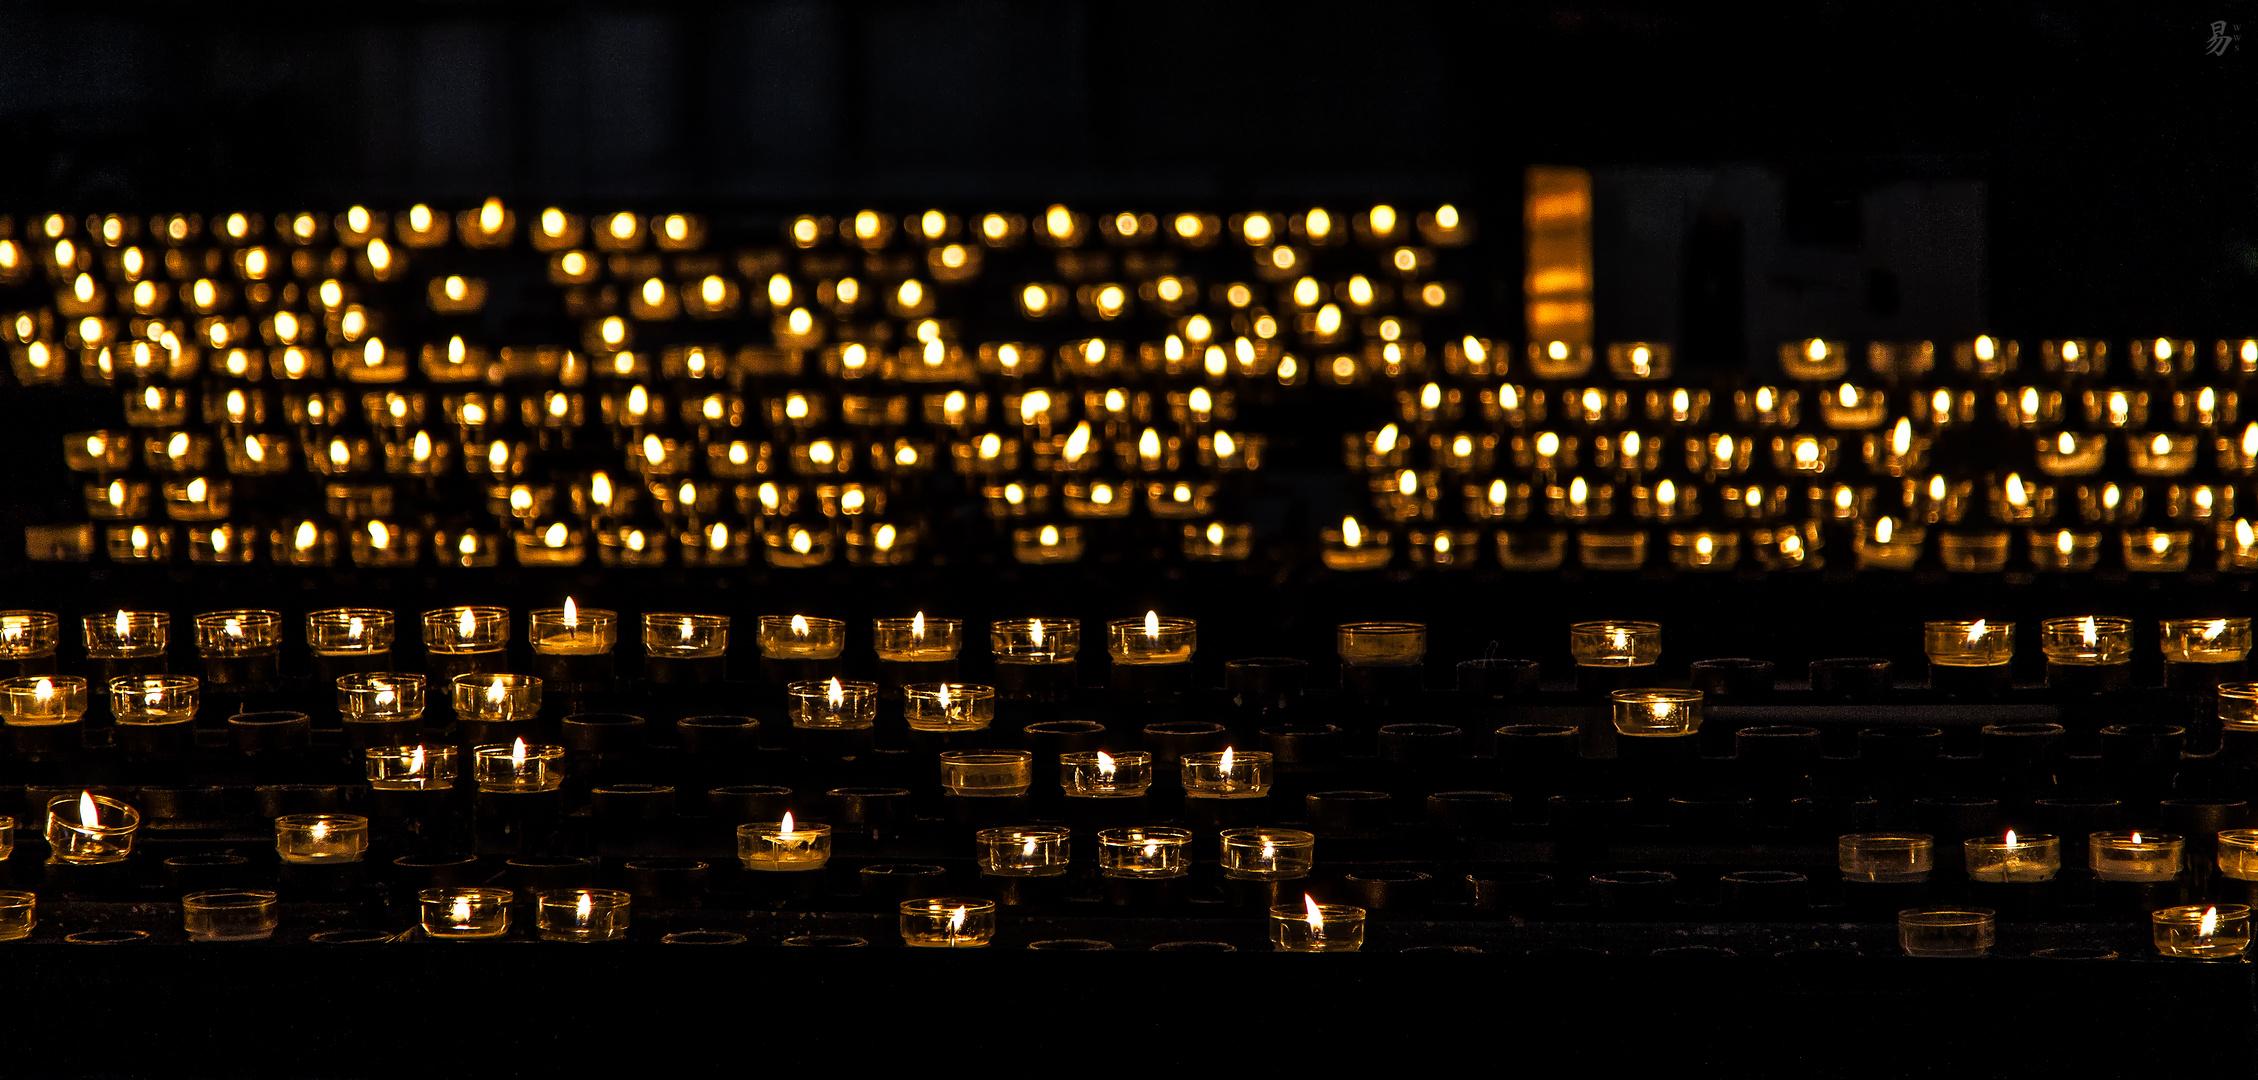 serenade of light